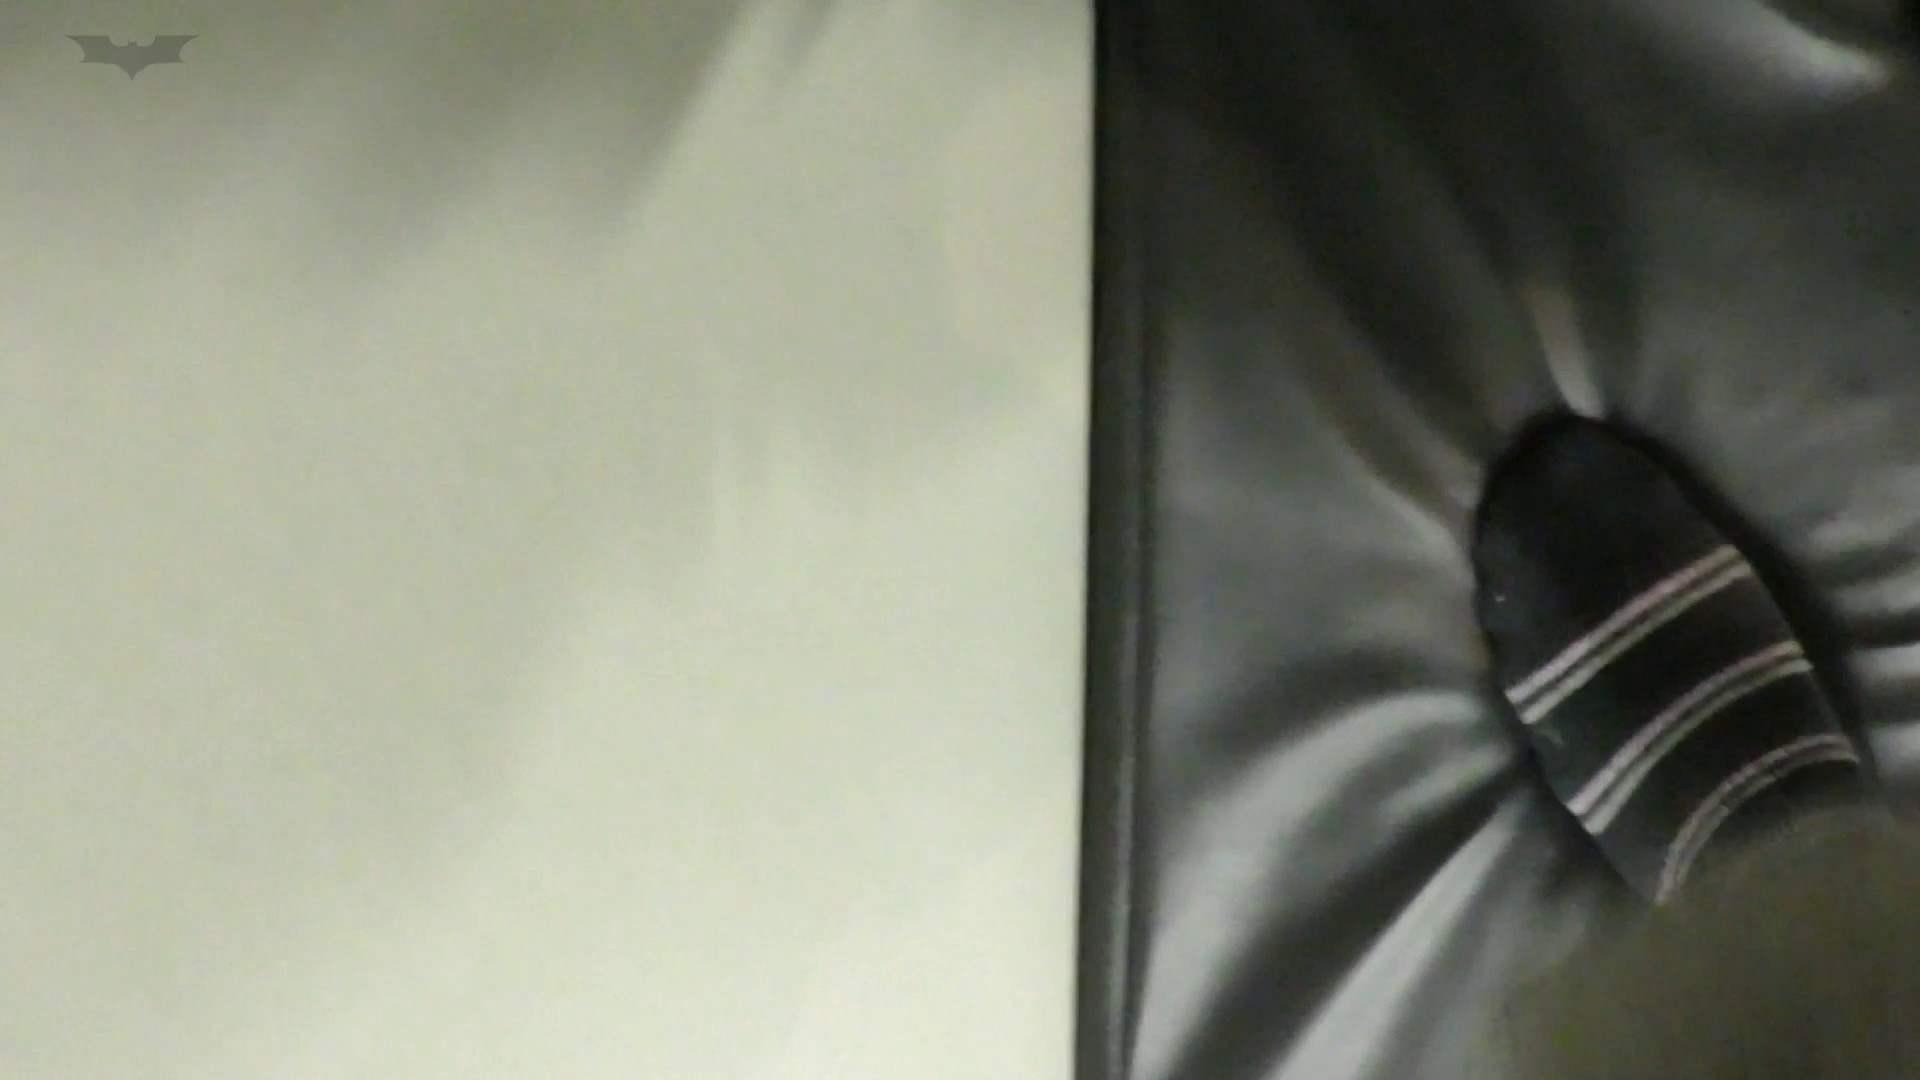 悪戯ネットカフェ Vol14 よく似ているJDにかけちゃった。 イタズラ アダルト動画キャプチャ 99枚 25